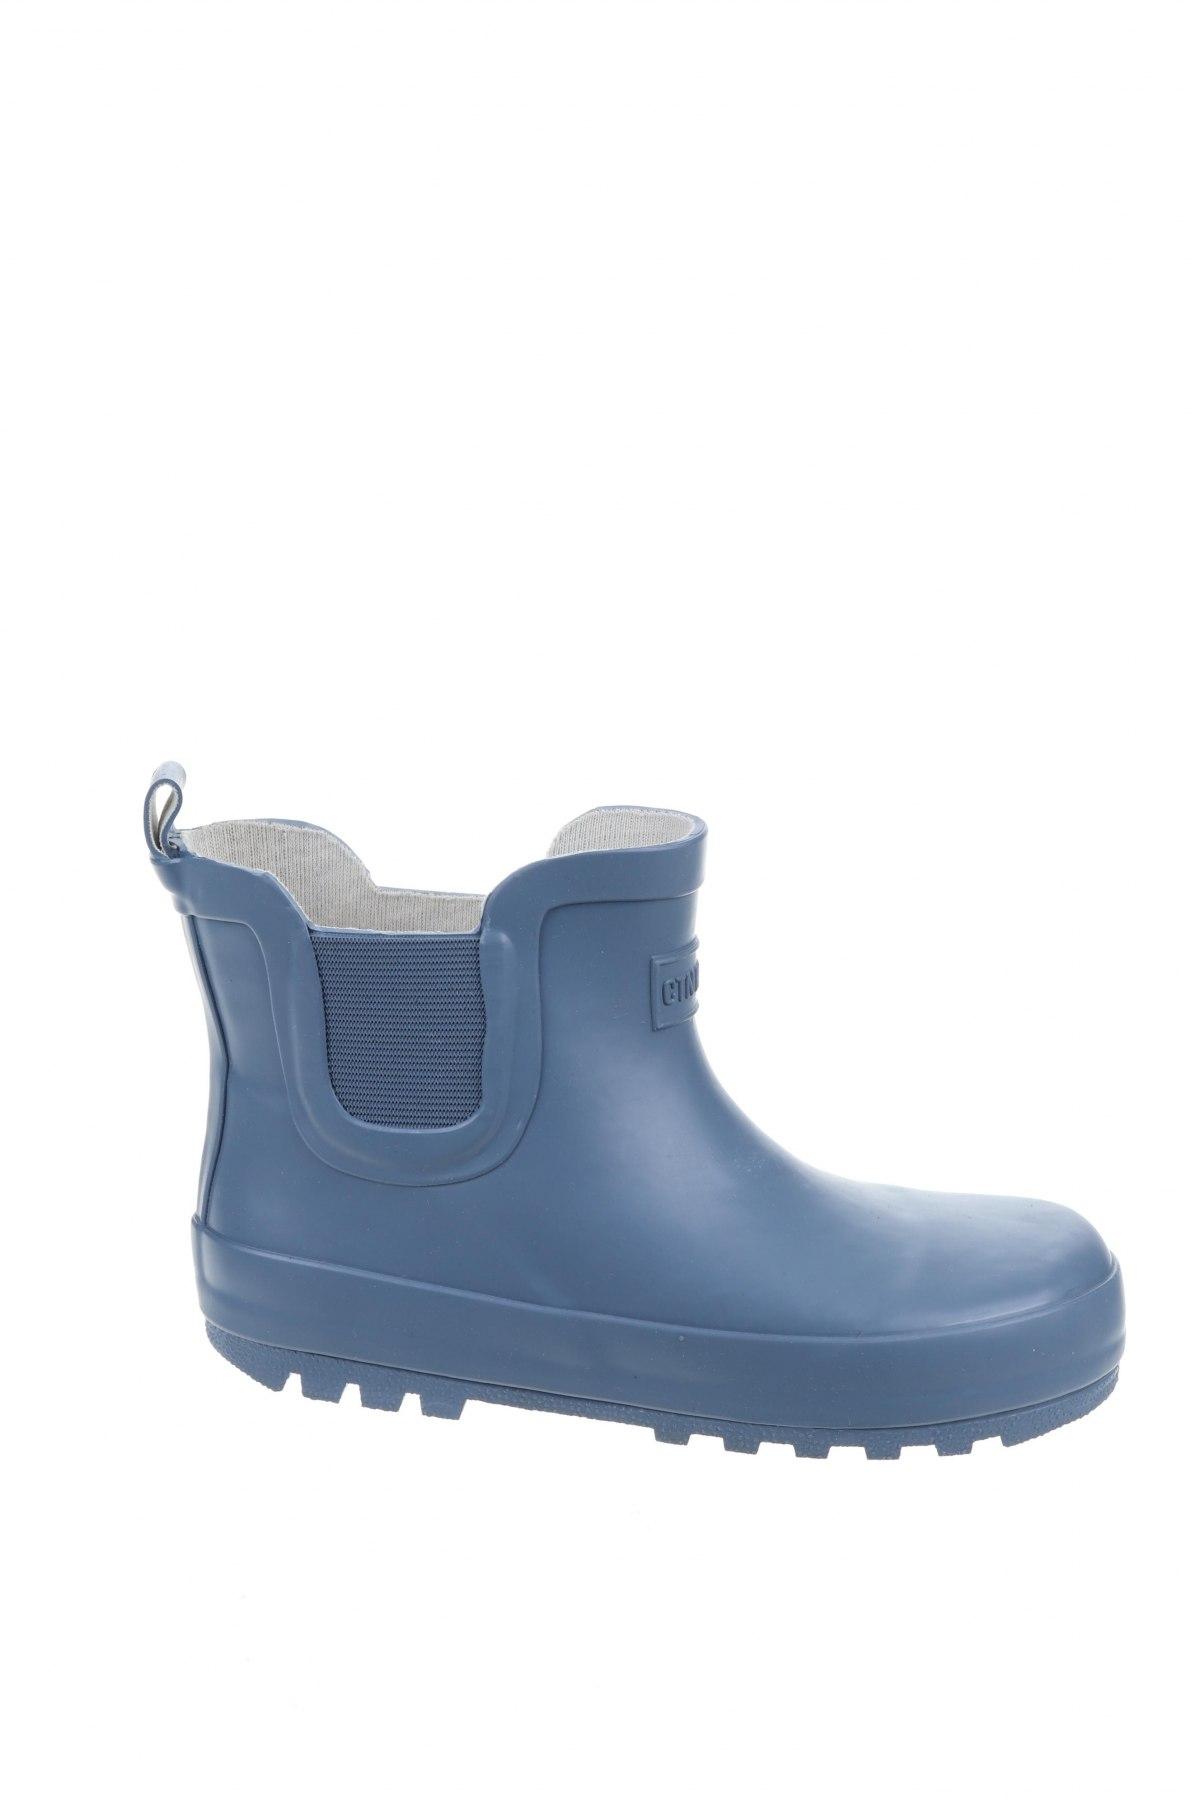 Παιδικά παπούτσια Cotton On, Μέγεθος 29, Χρώμα Μπλέ, Πολυουρεθάνης, Τιμή 26,68€